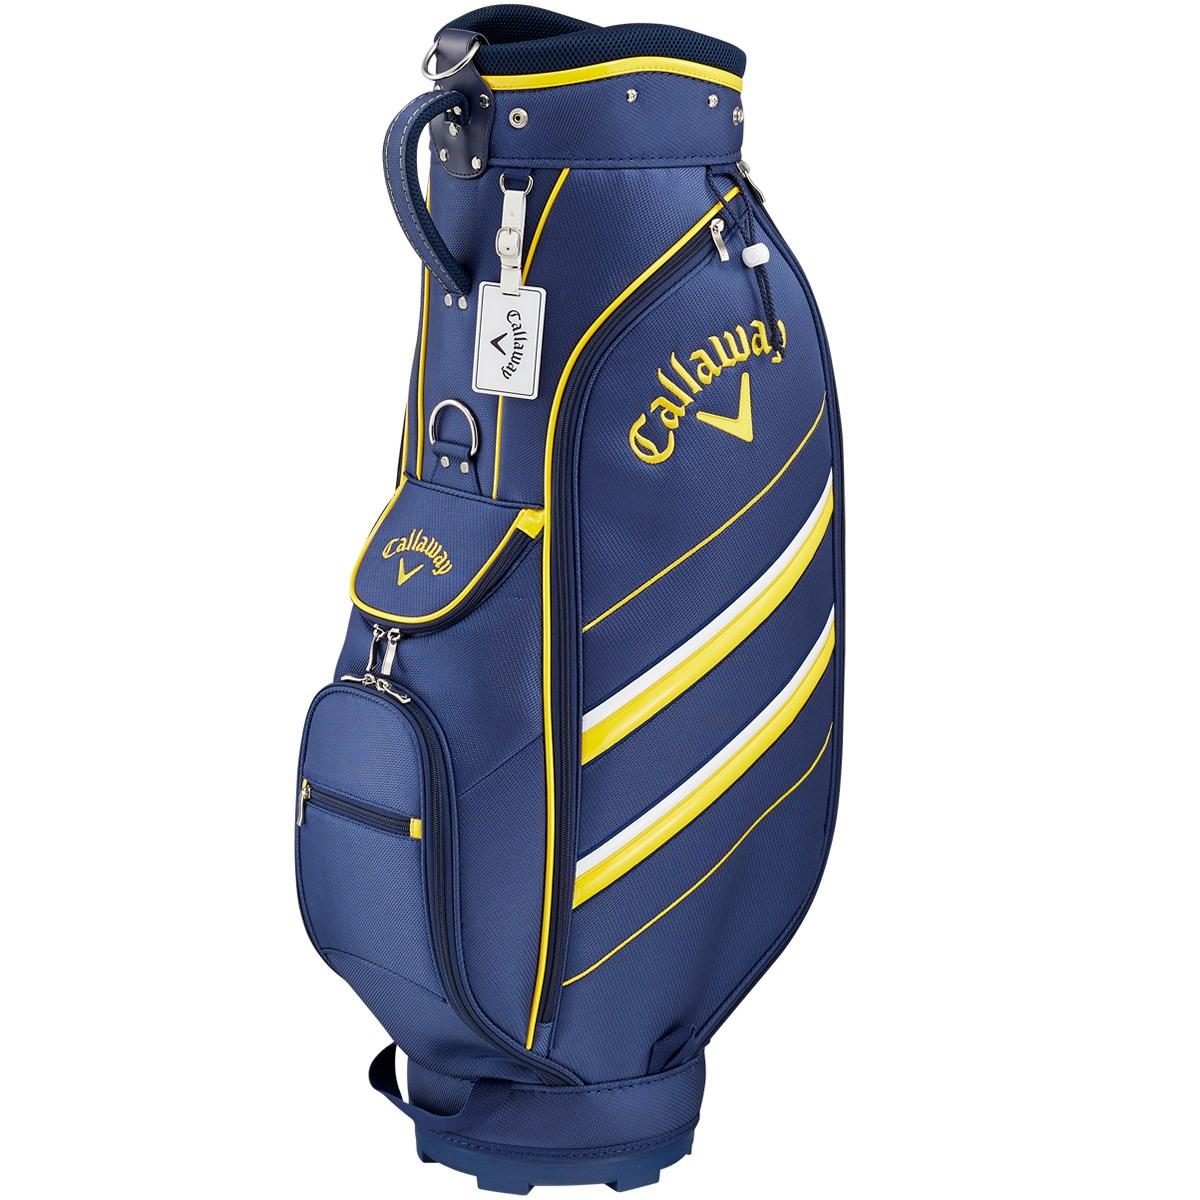 キャロウェイゴルフ(Callaway Golf) BG CT SPORT JM キャディバッグレディス